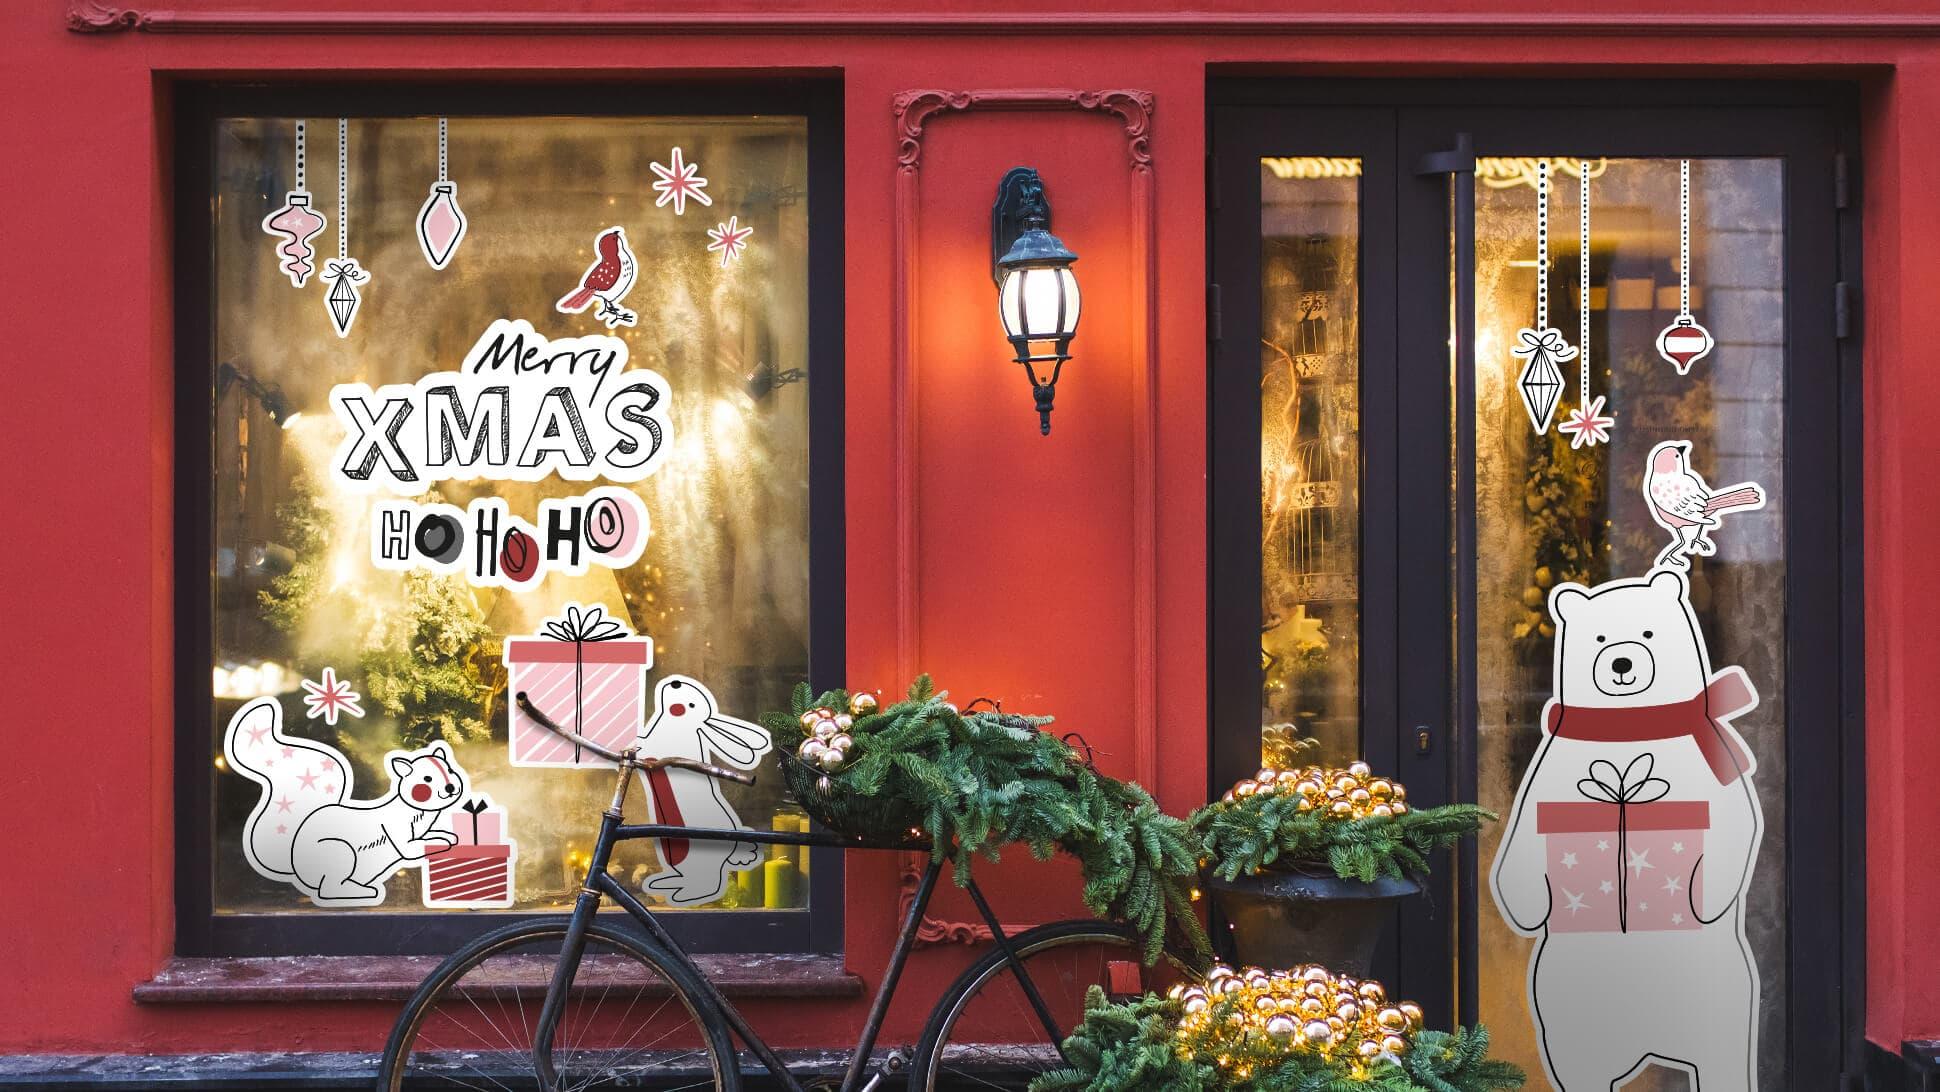 adesivi natalizi per vetrine e negozi | tictac.it